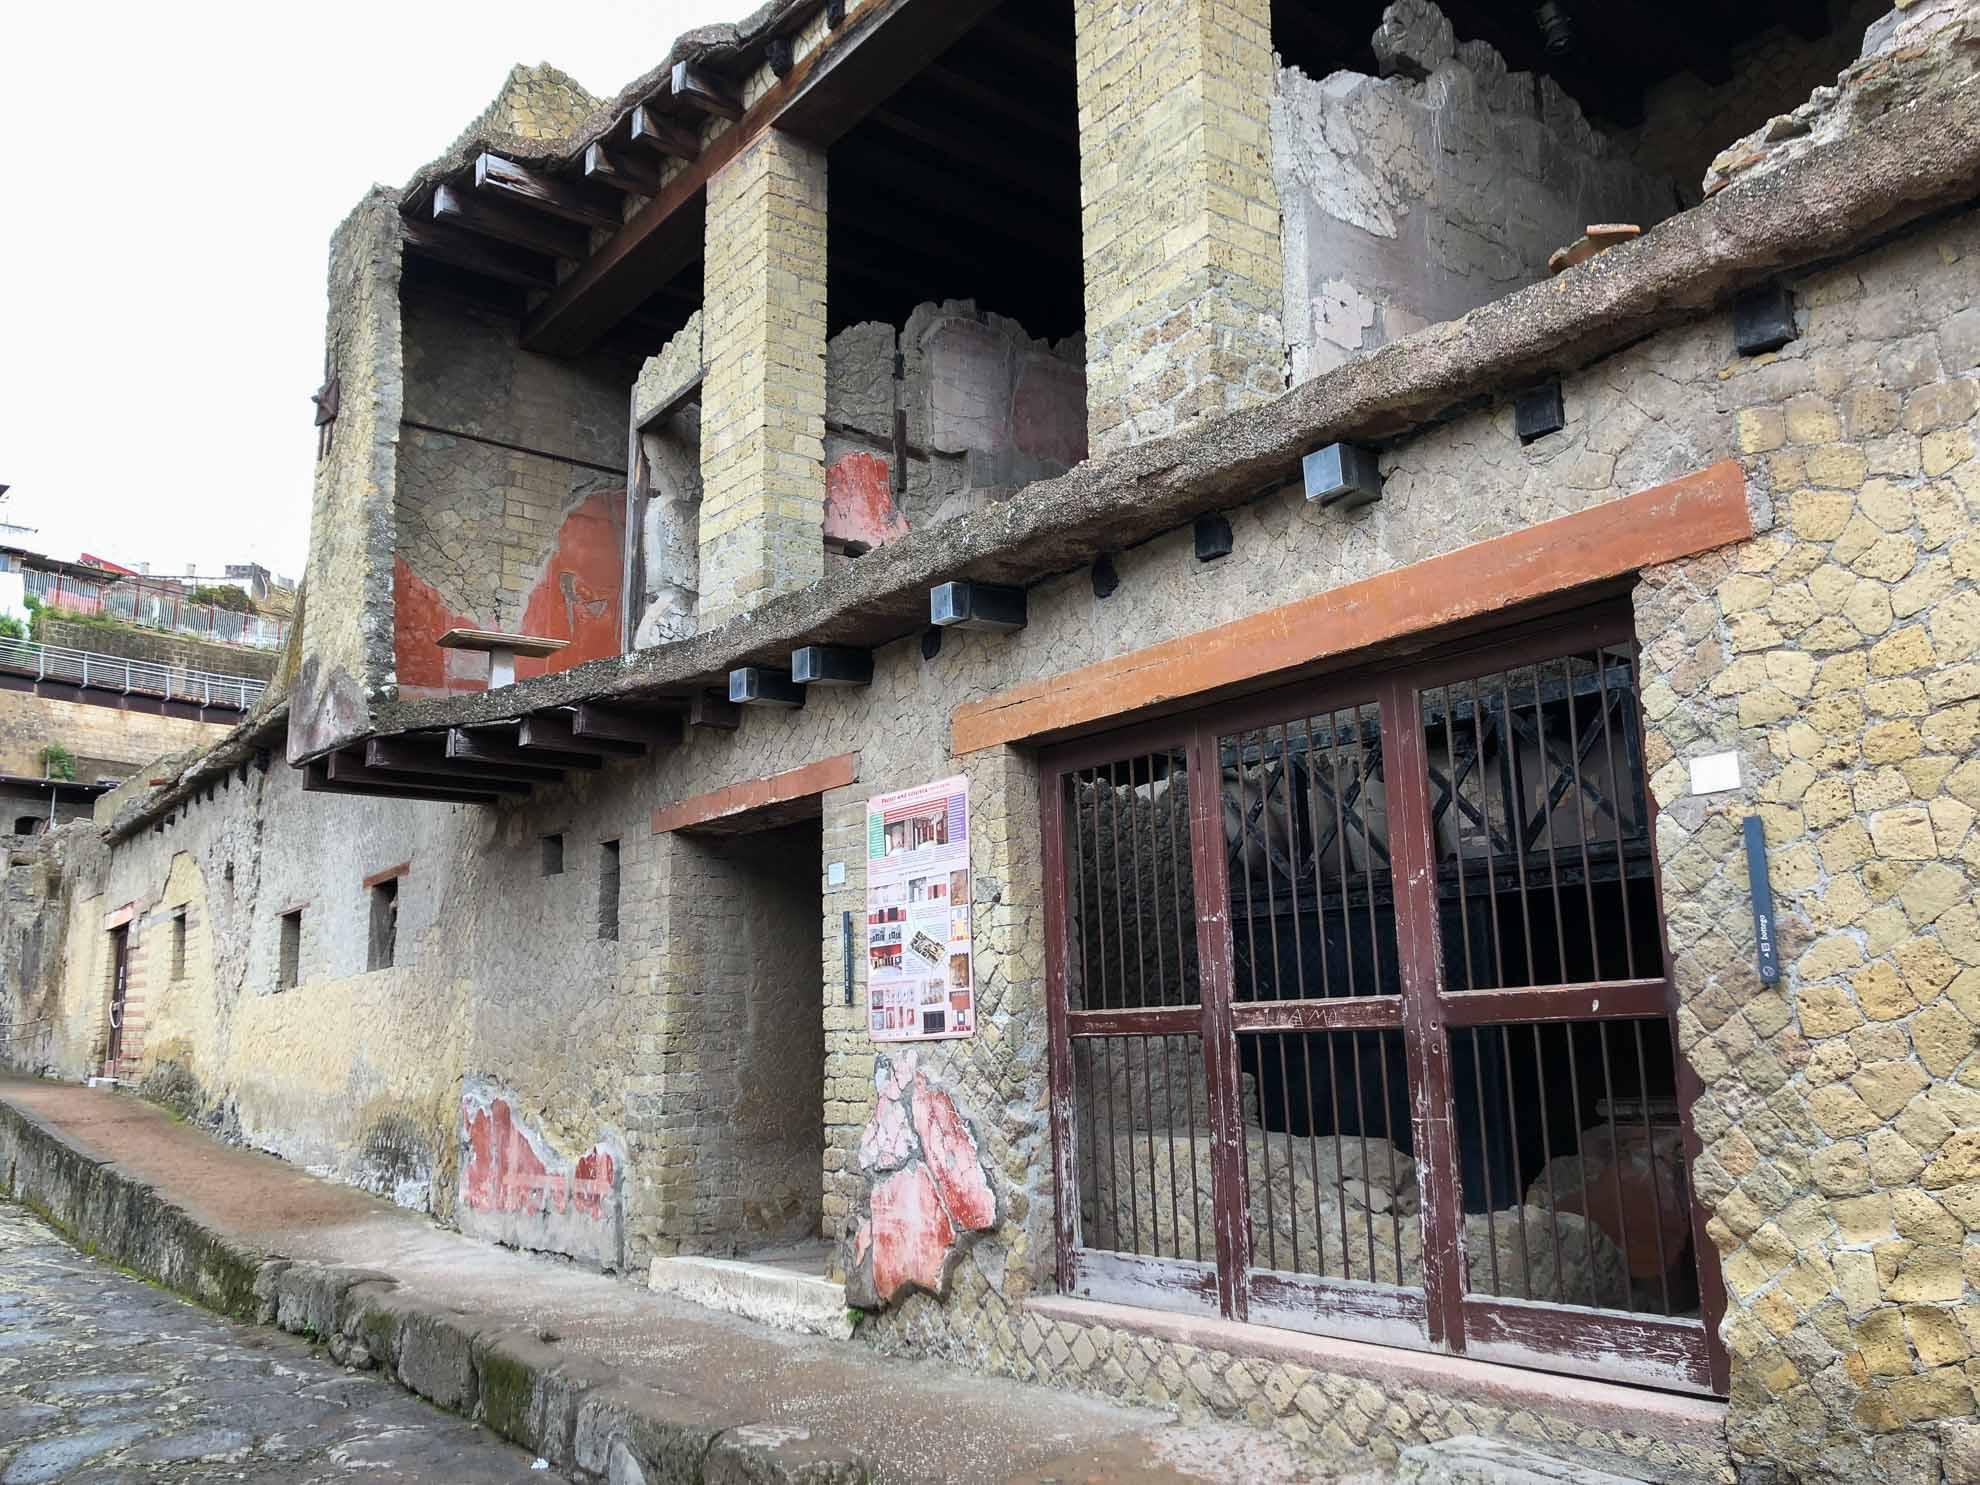 Unter den vulkanischen Schichten, die die Stadt beim Ausbruch des Vesuv bedeckten, wurde sie nahezu perfekt konserviert.